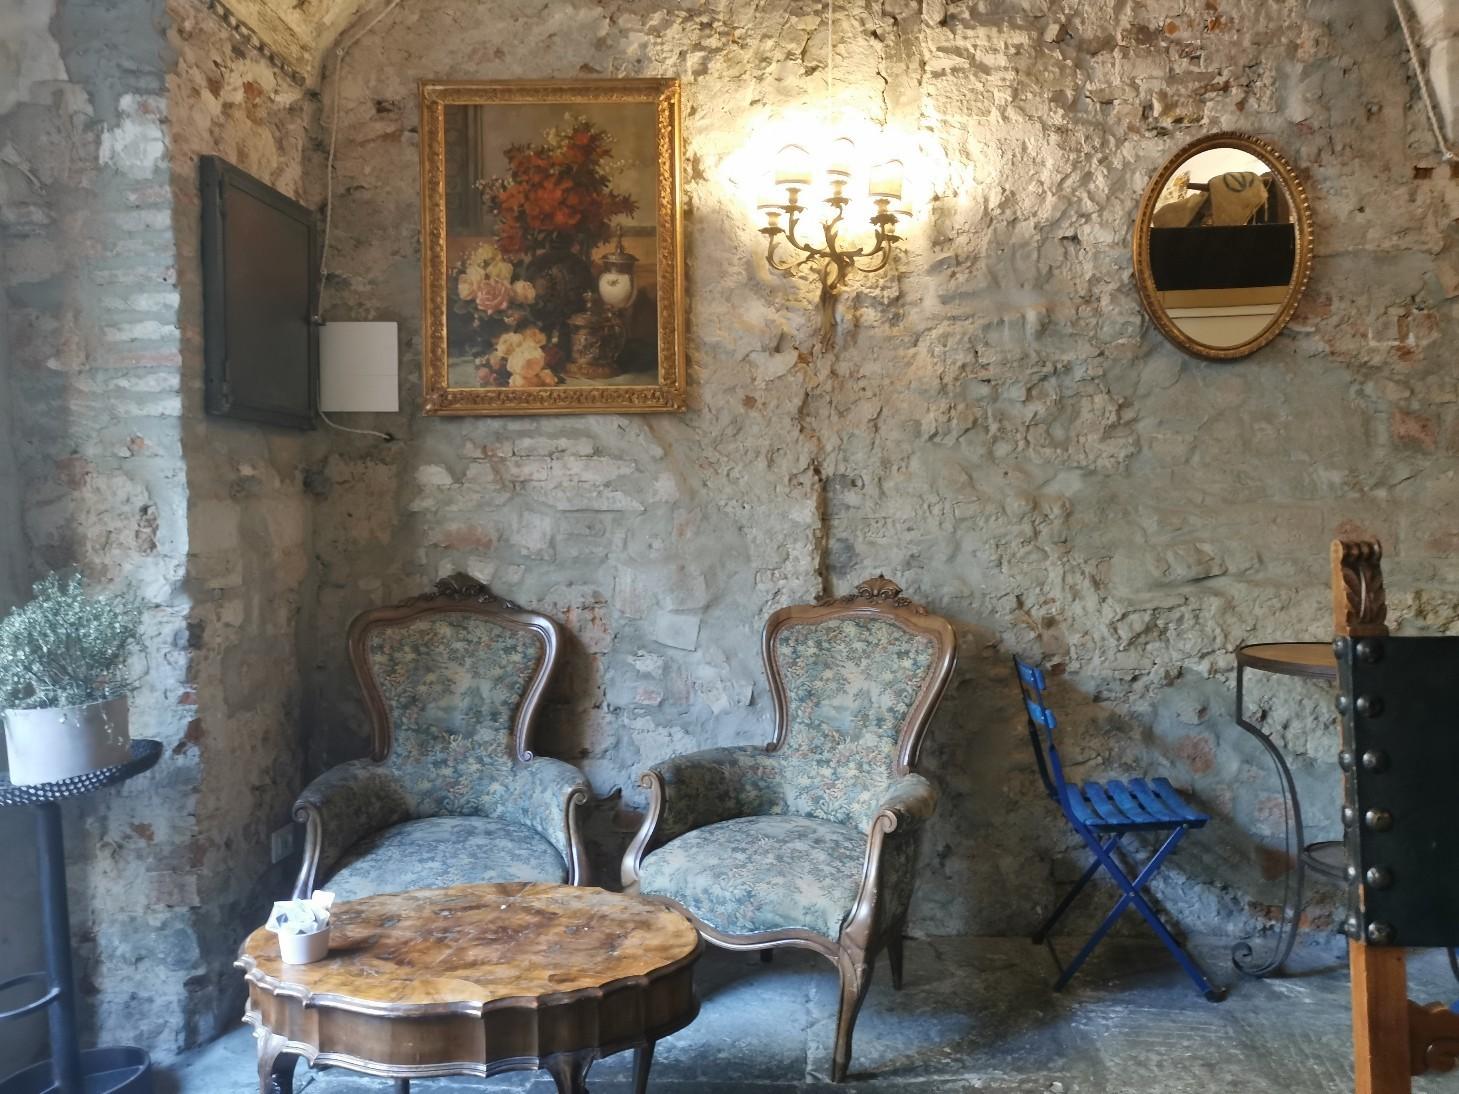 久しぶりにフィレンツェへ_f0106597_13453944.jpg